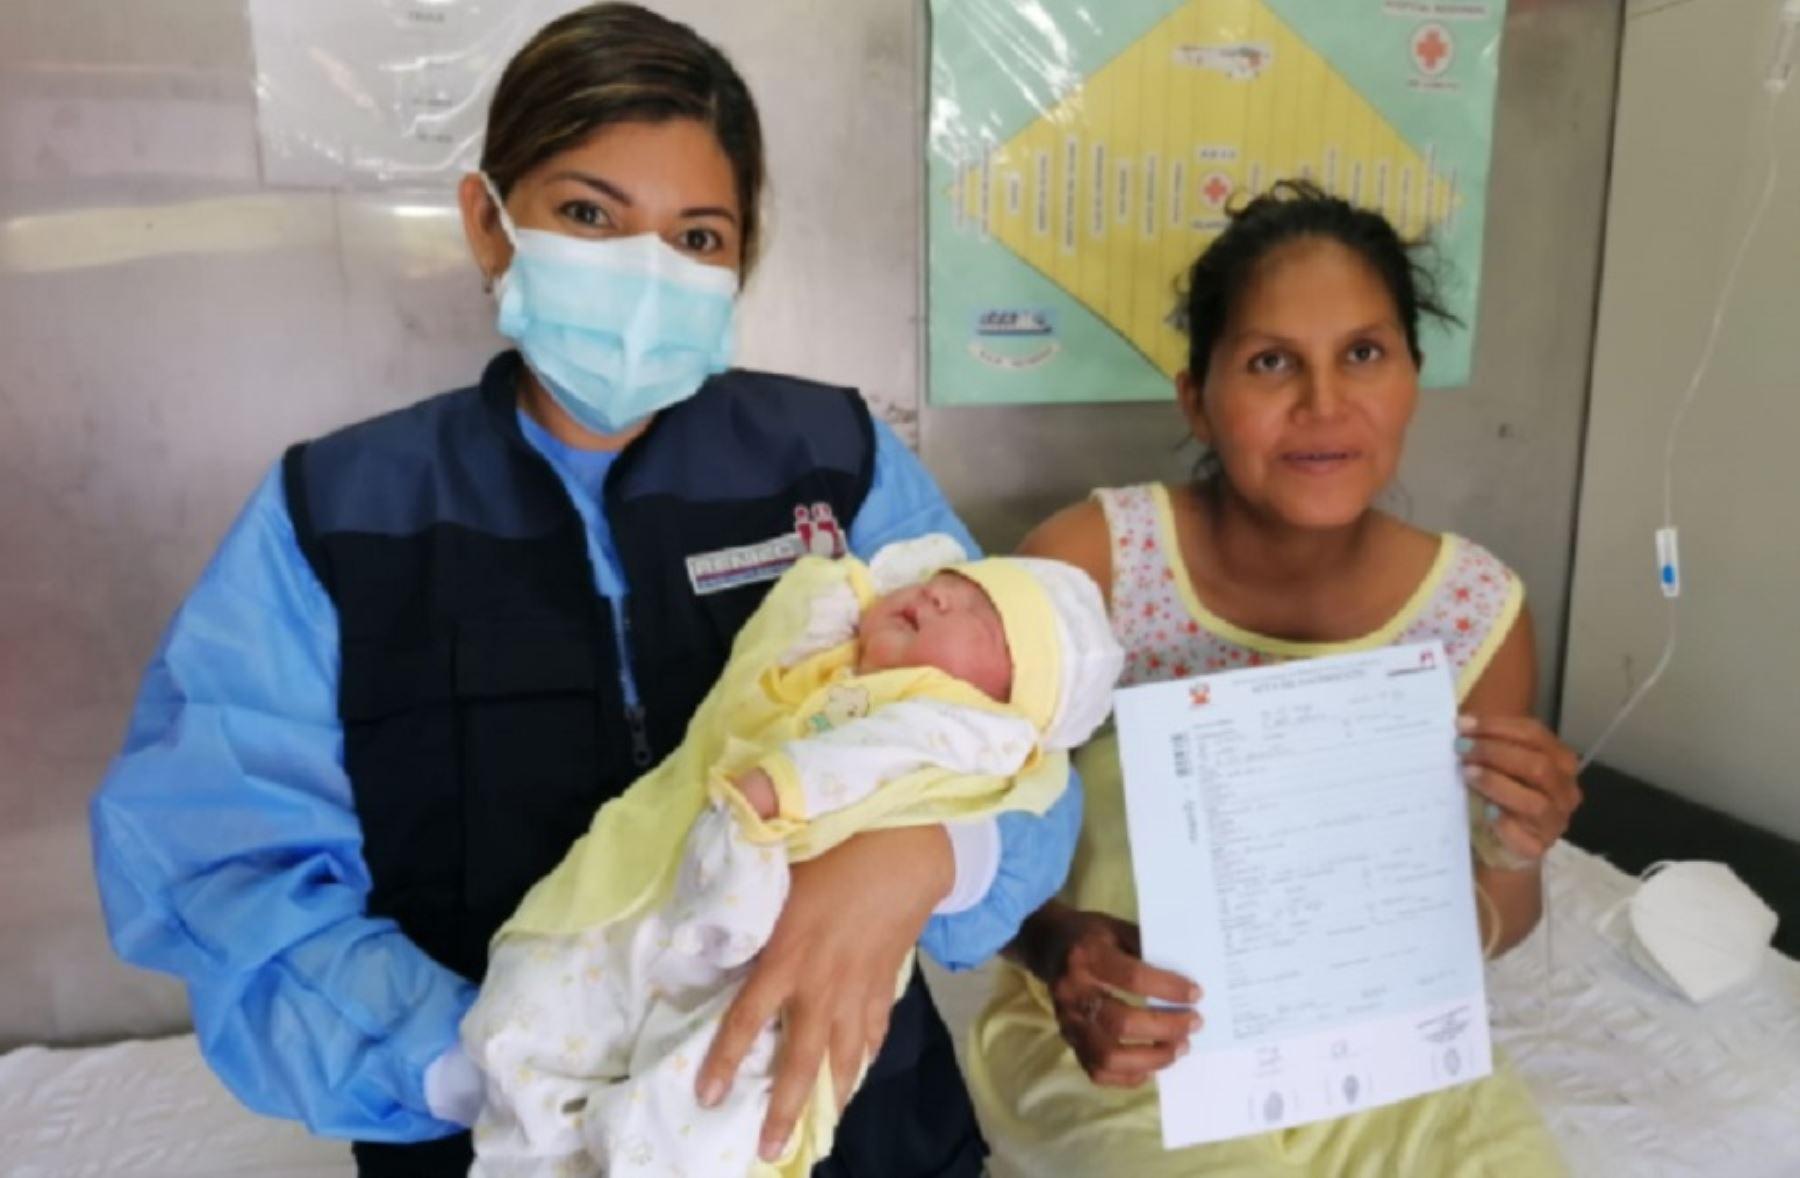 Rossana Correa, de 33 años de edad, tuvo una mañana especial en la comunidad nativa de San Rafael. Con 38 semanas de gestación y constantes dolores de parto, esperaba la llegada del personal médico que viaja a bordo del BAP Río Yahuas, como parte de la segunda campaña de acción social del 2021.